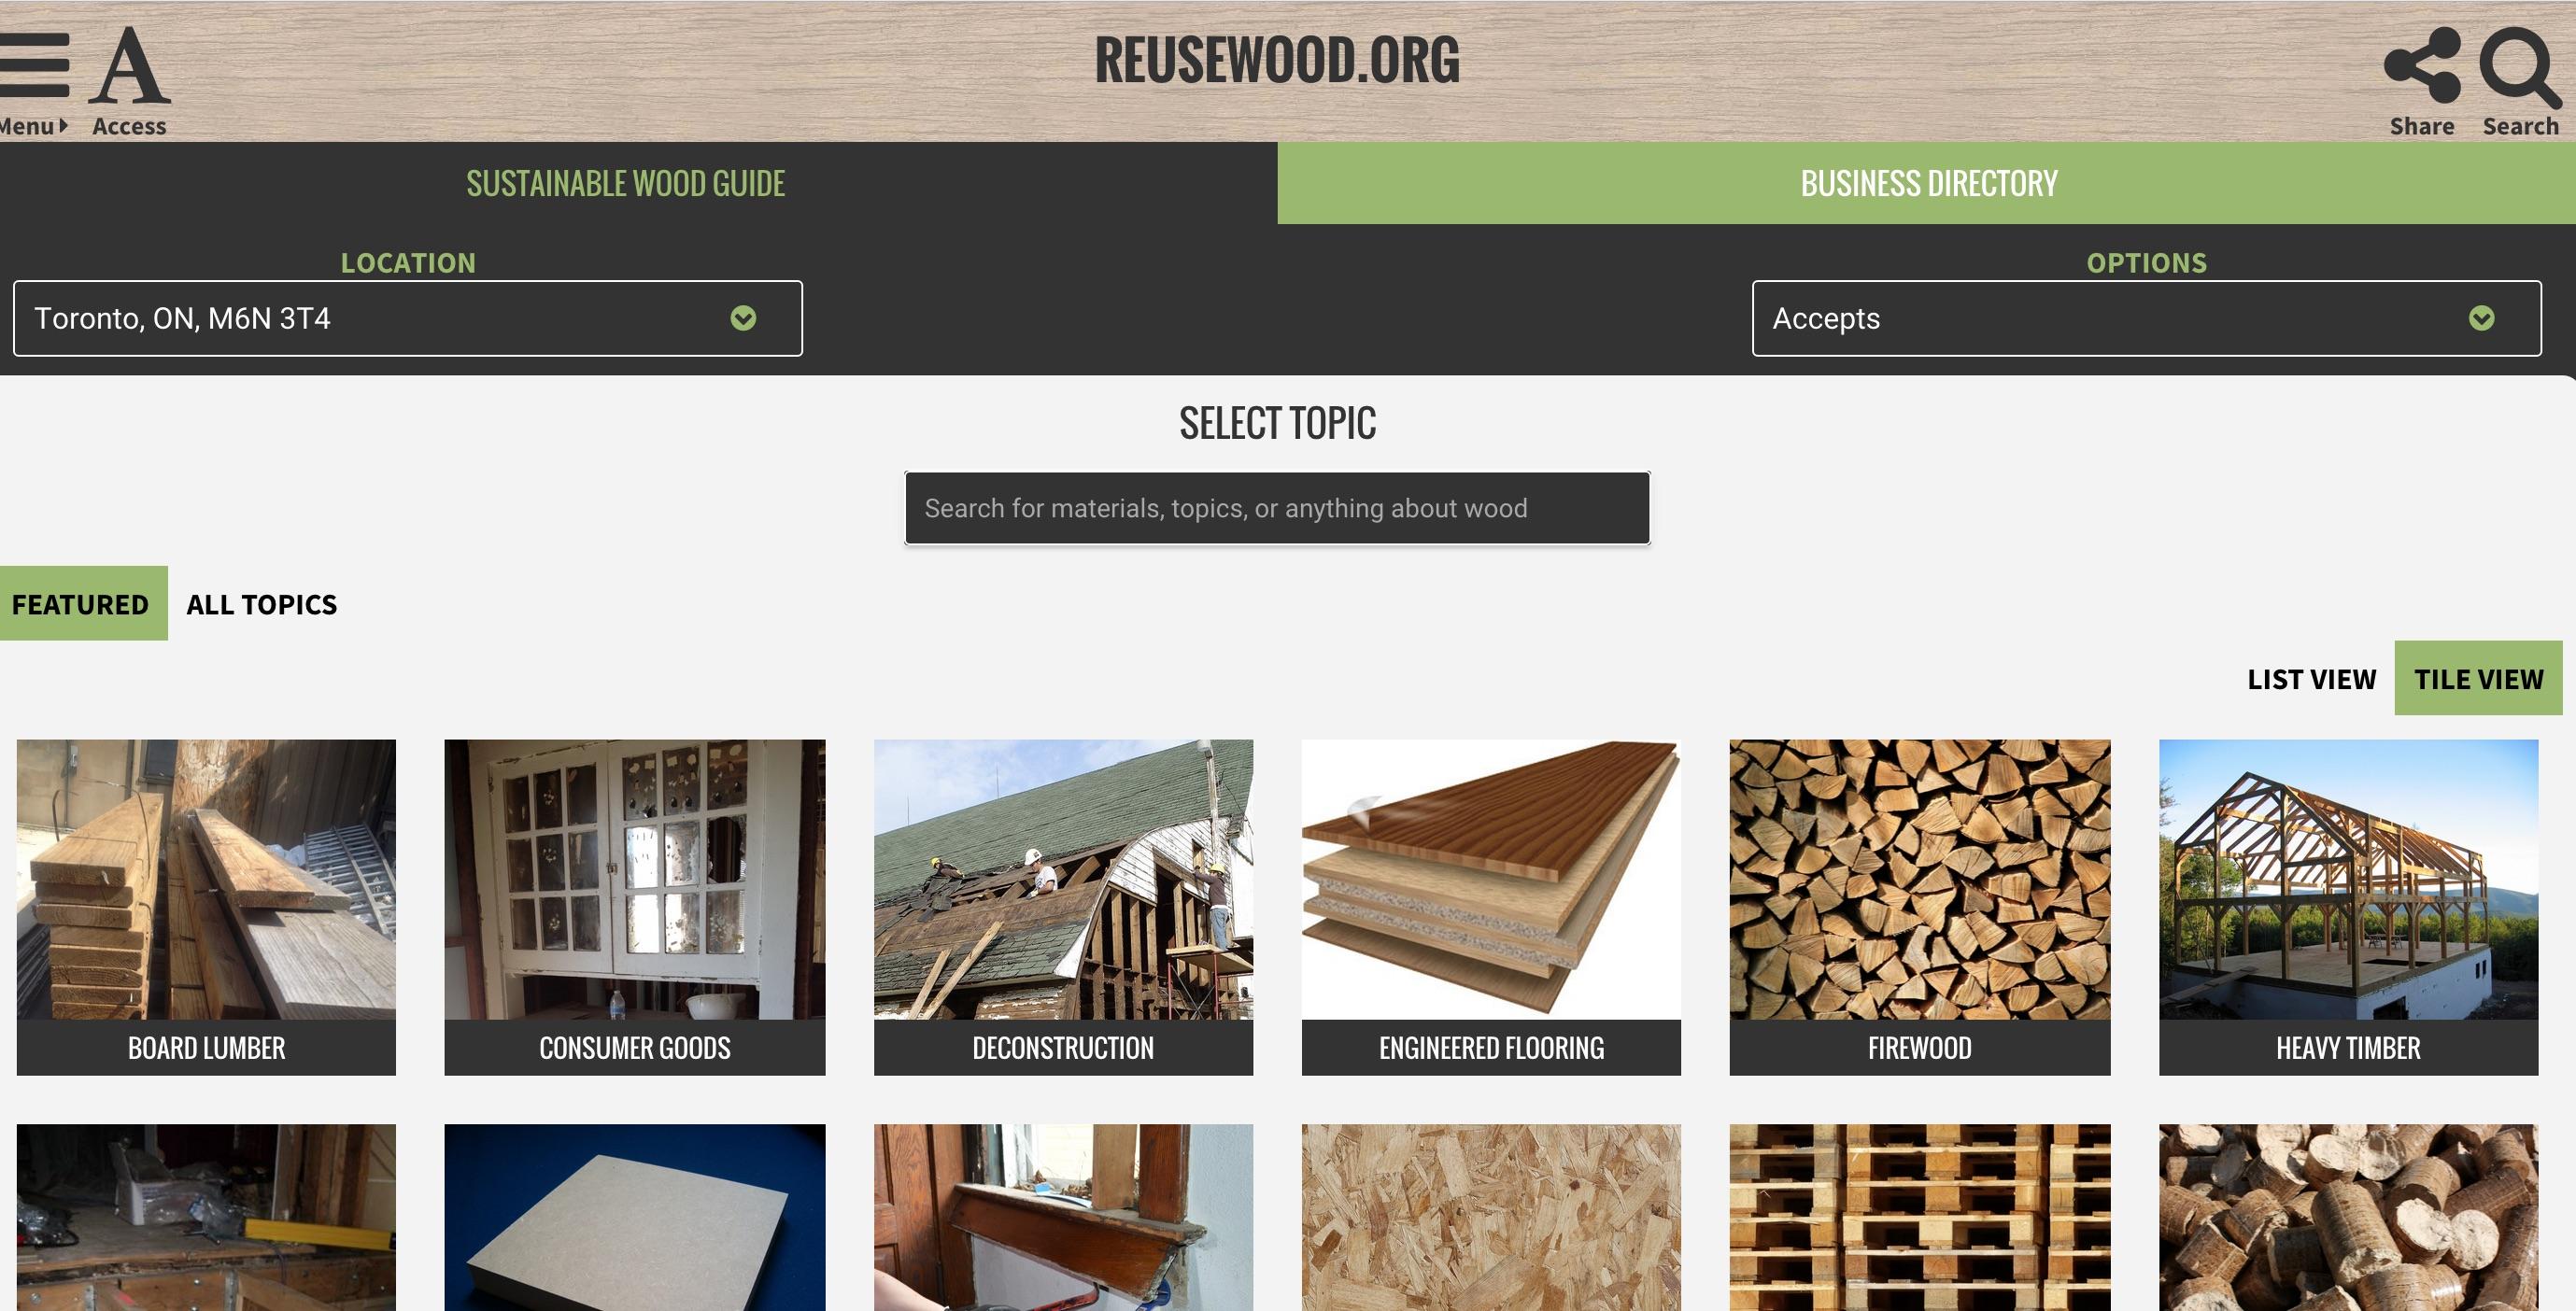 reusewood.org